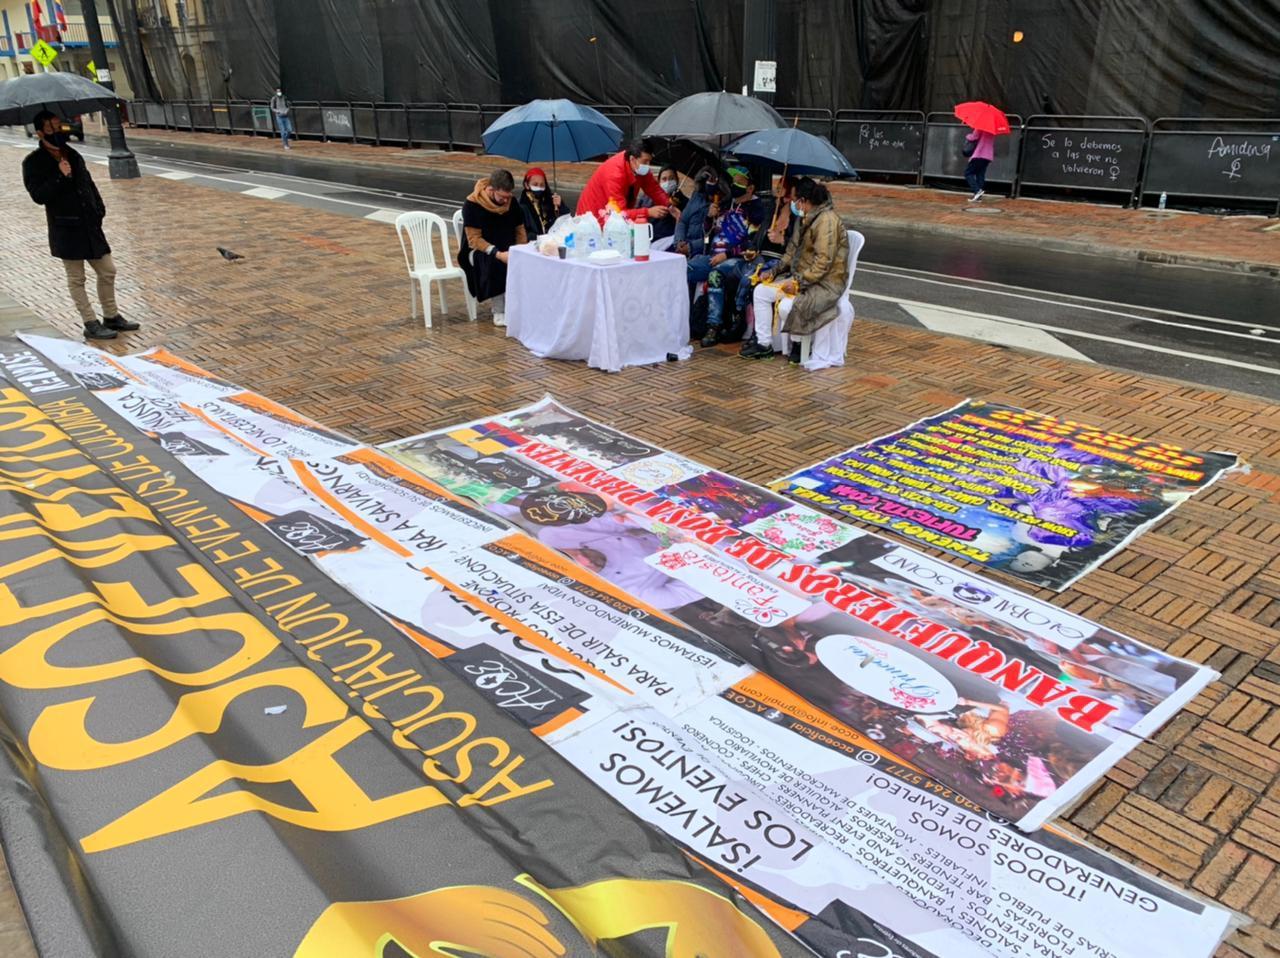 Artistas callejeros encadenados en Bogotá, debido a la pandemia